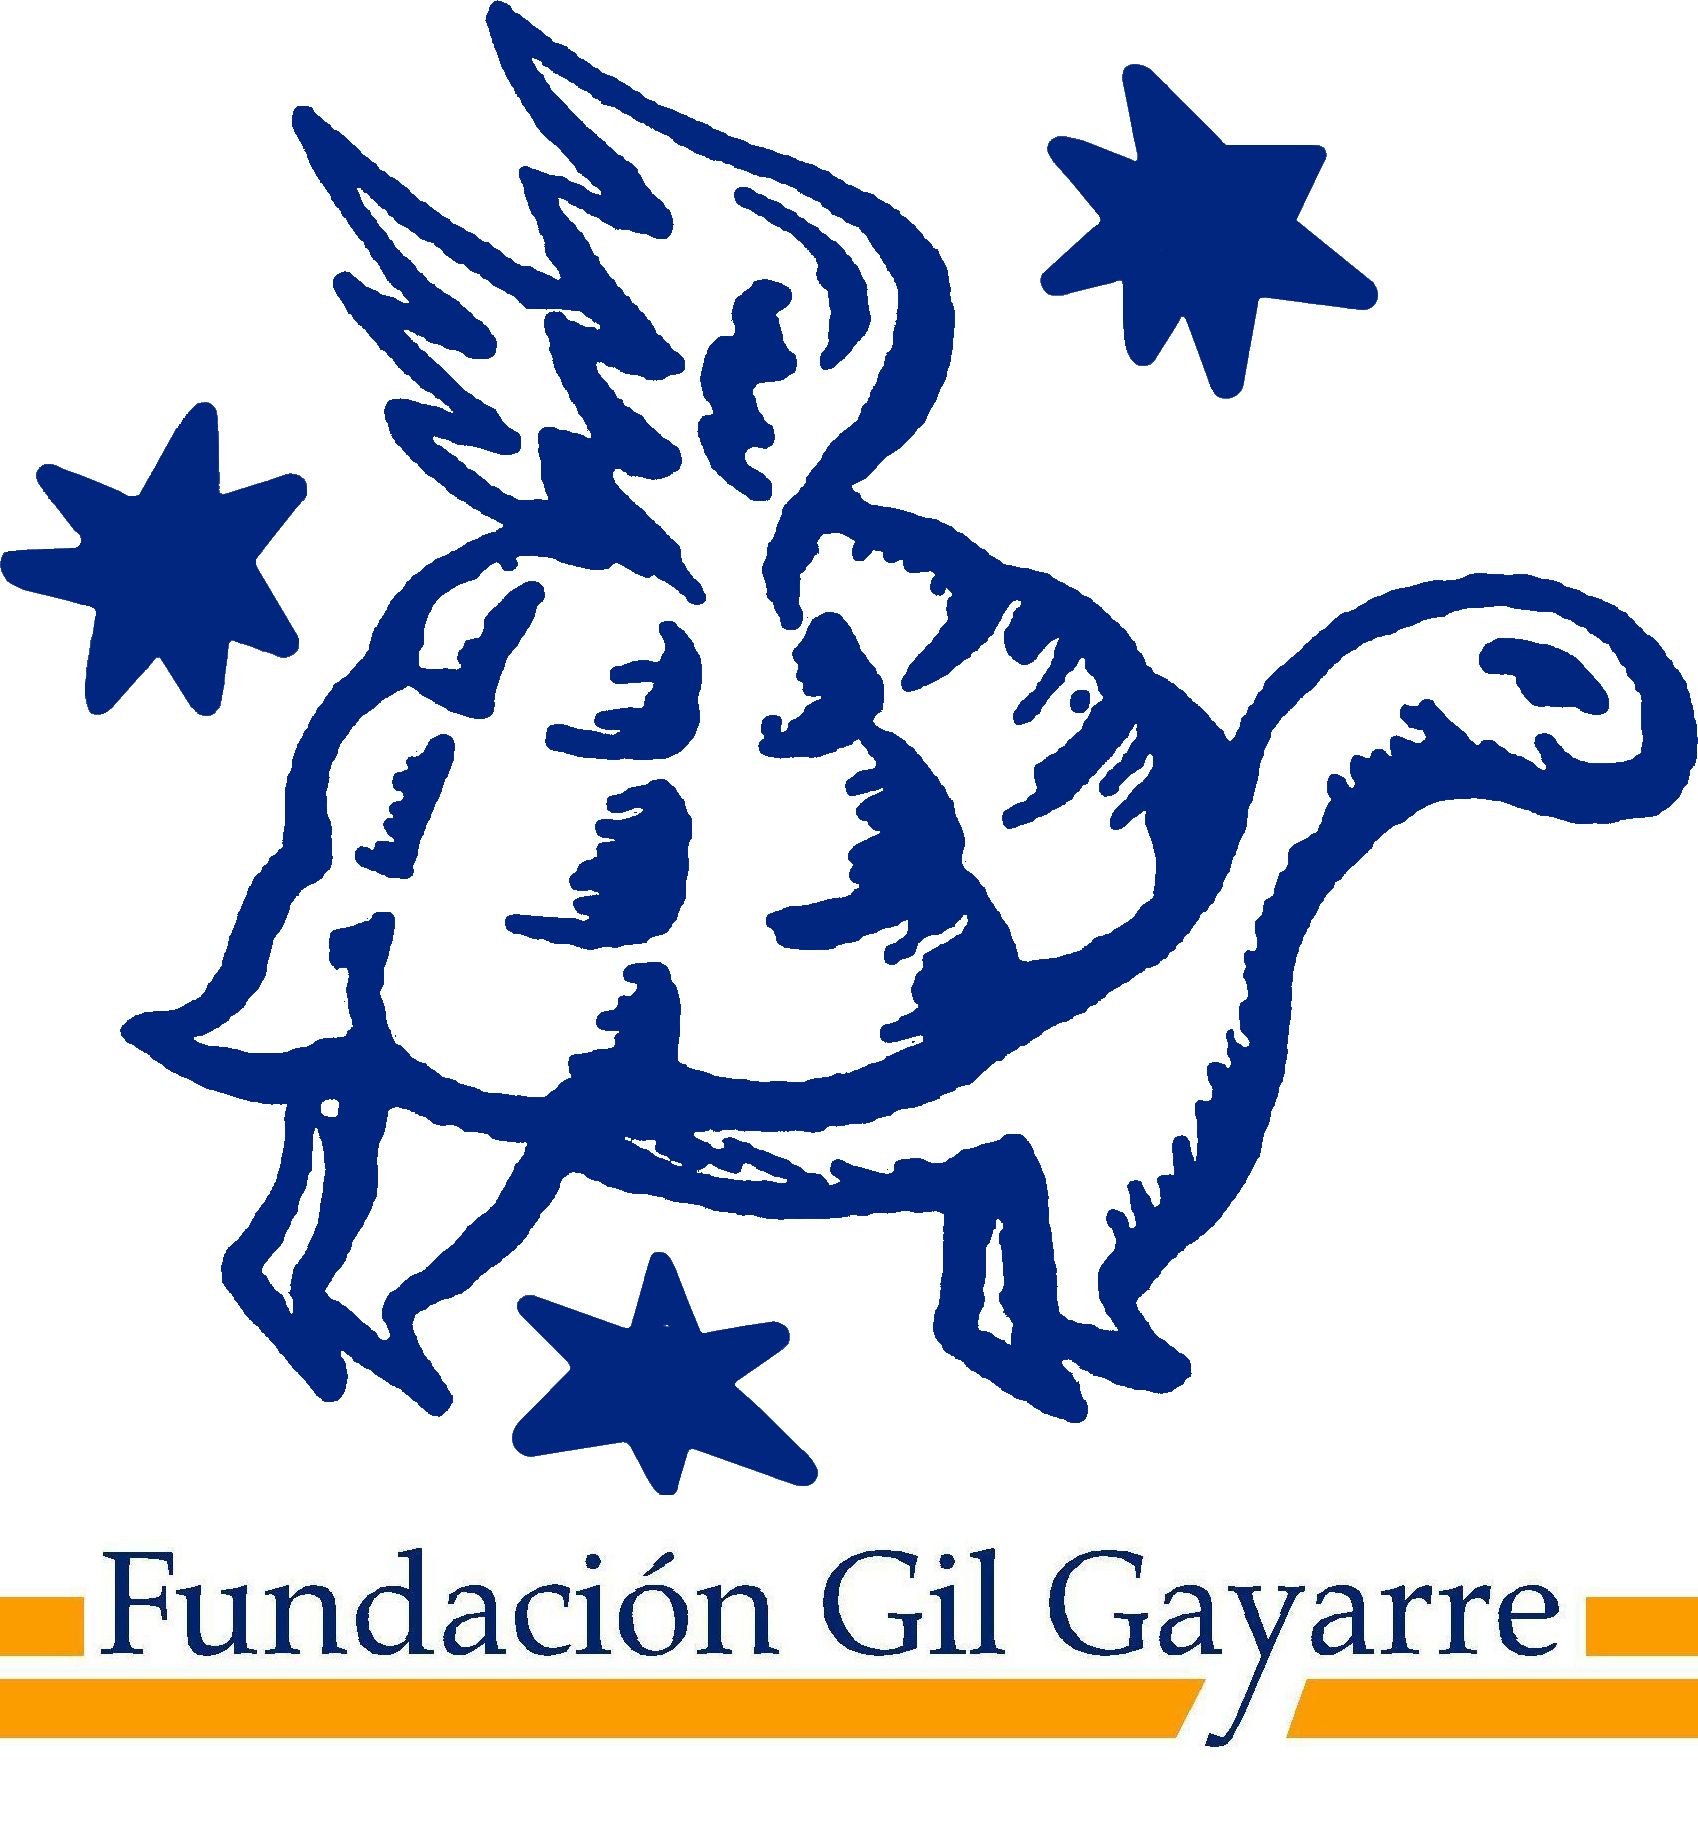 F. Gil Gayarre